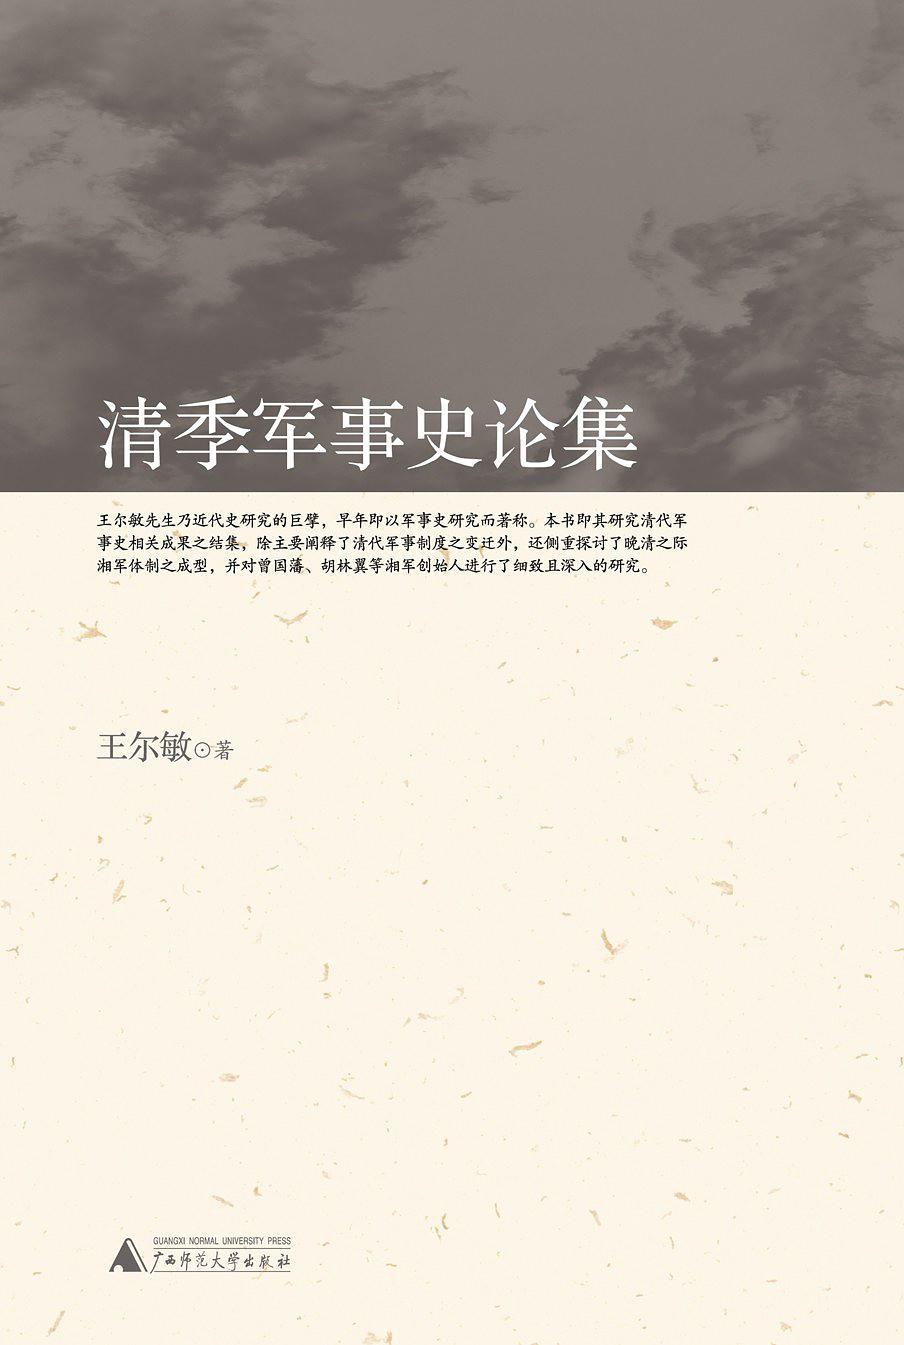 清季军事史论集 – 王尔敏 – pdf mobi epub 电子书